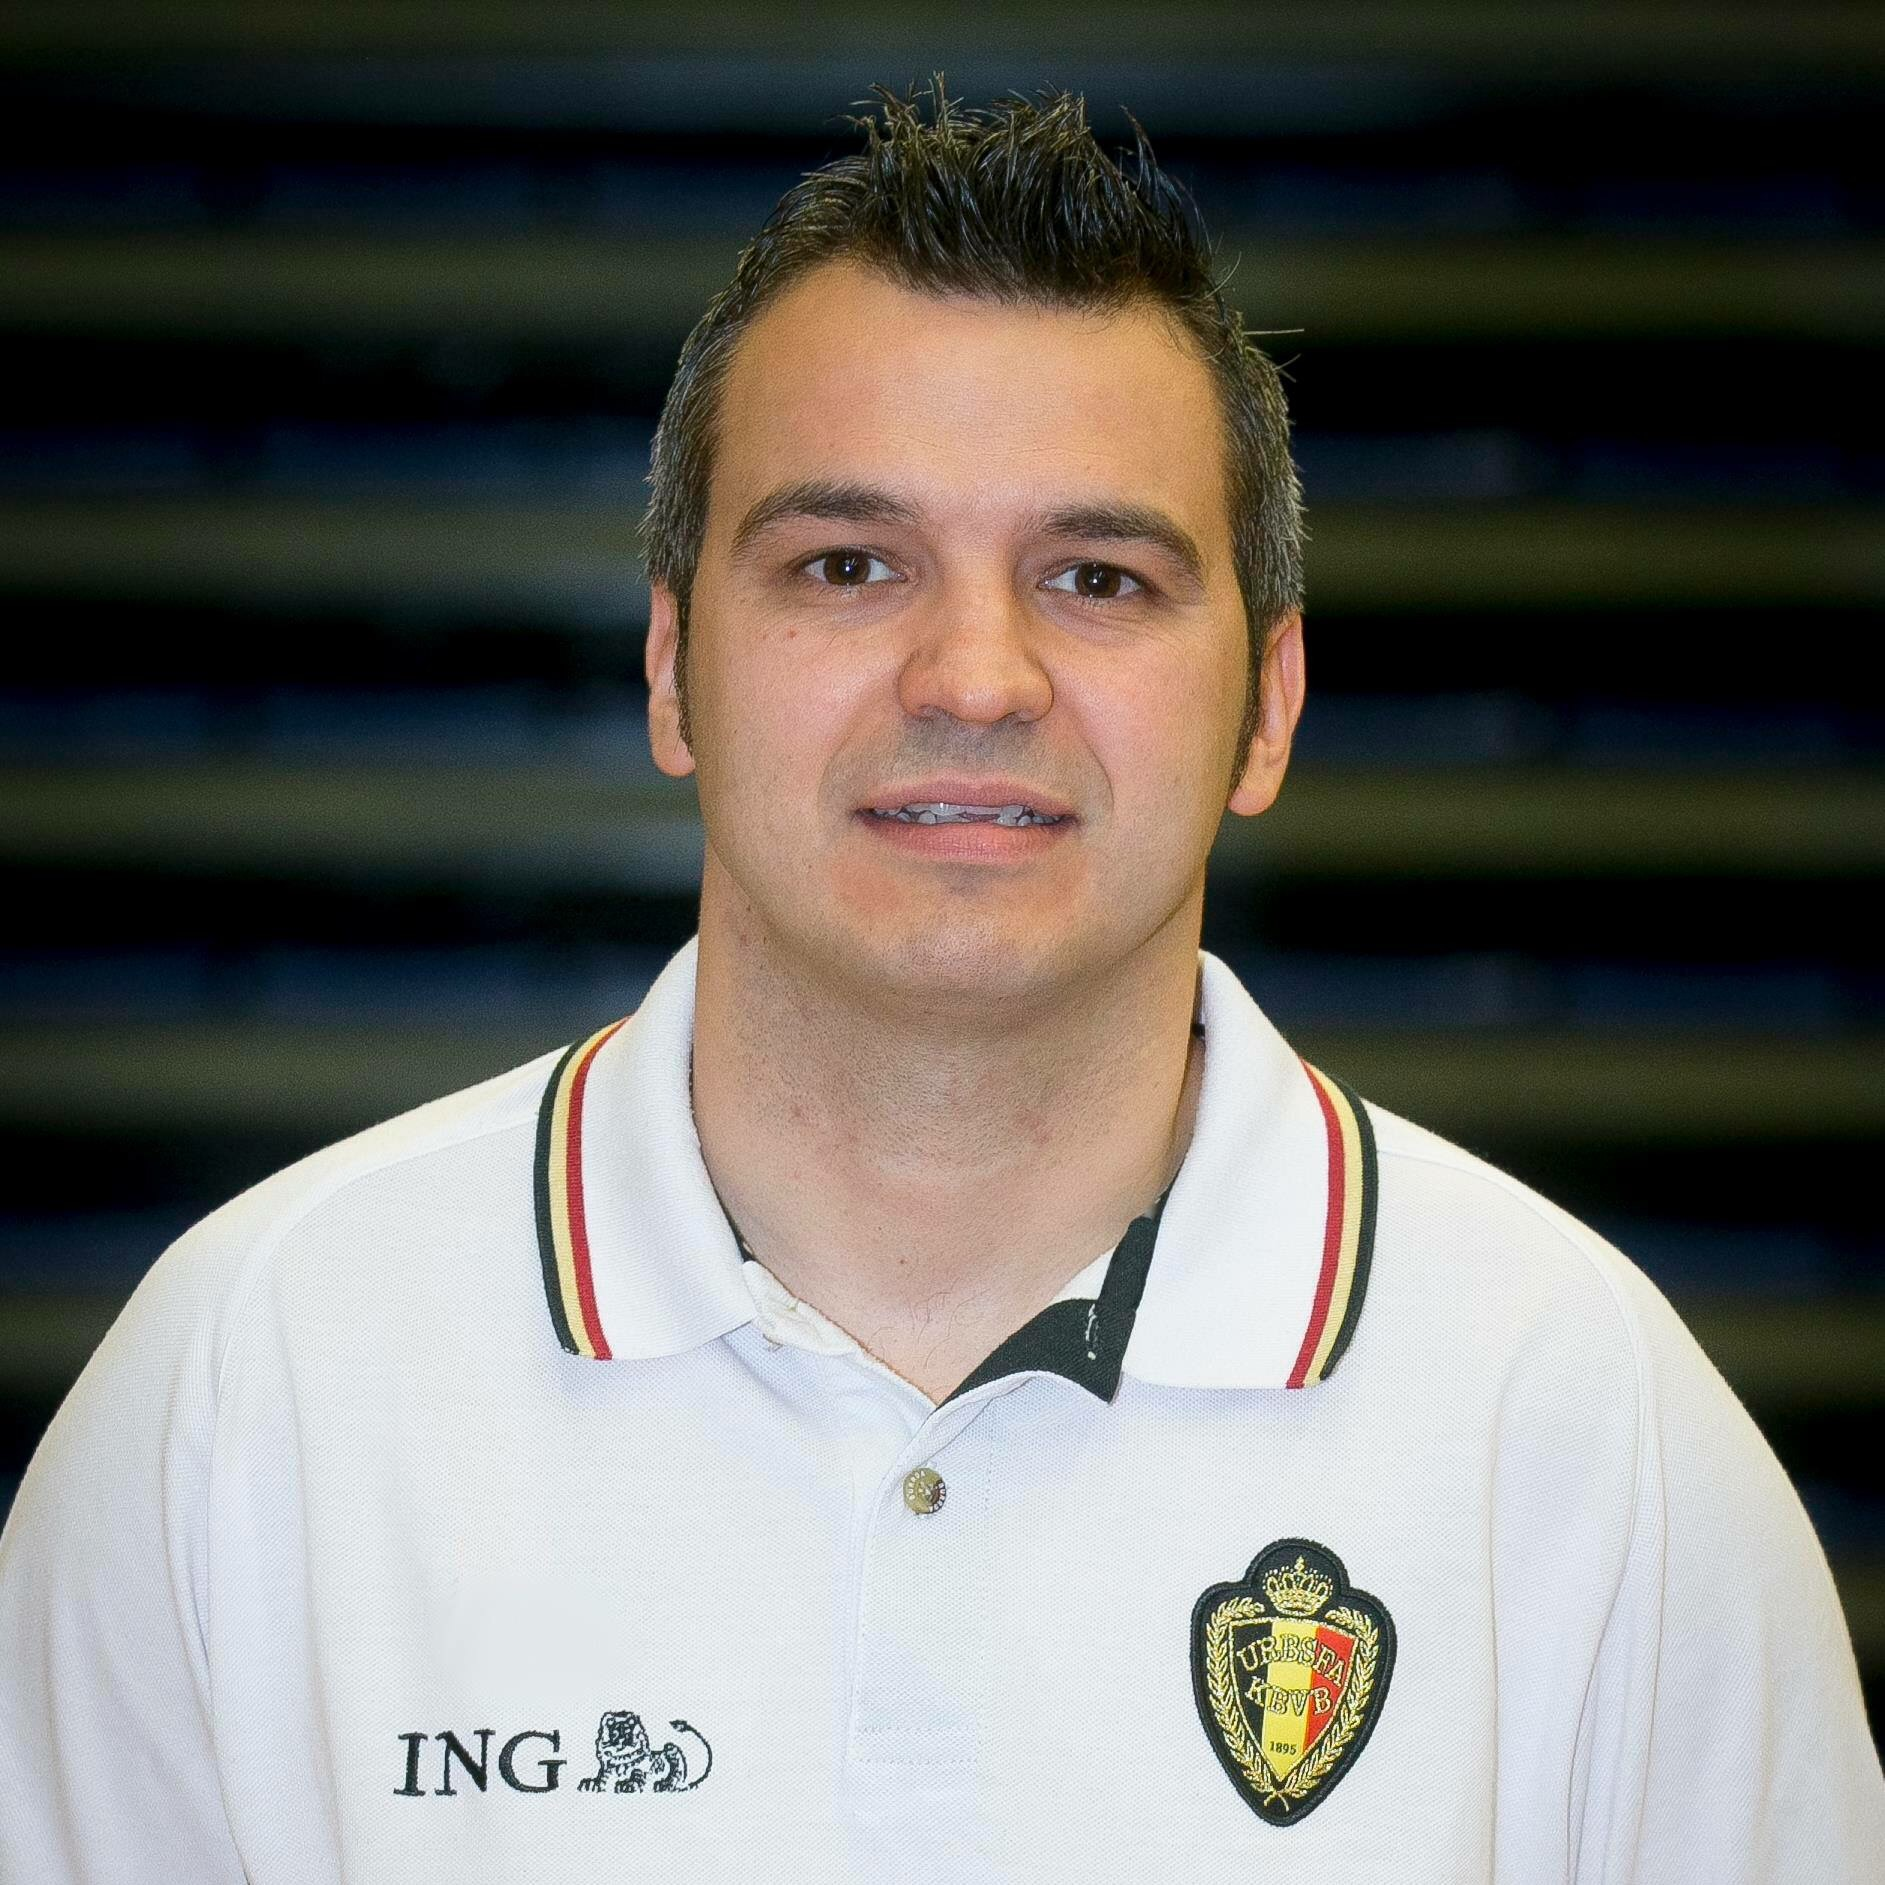 Onverwacht: Dit is de nieuwe futsal Bondscoach van België